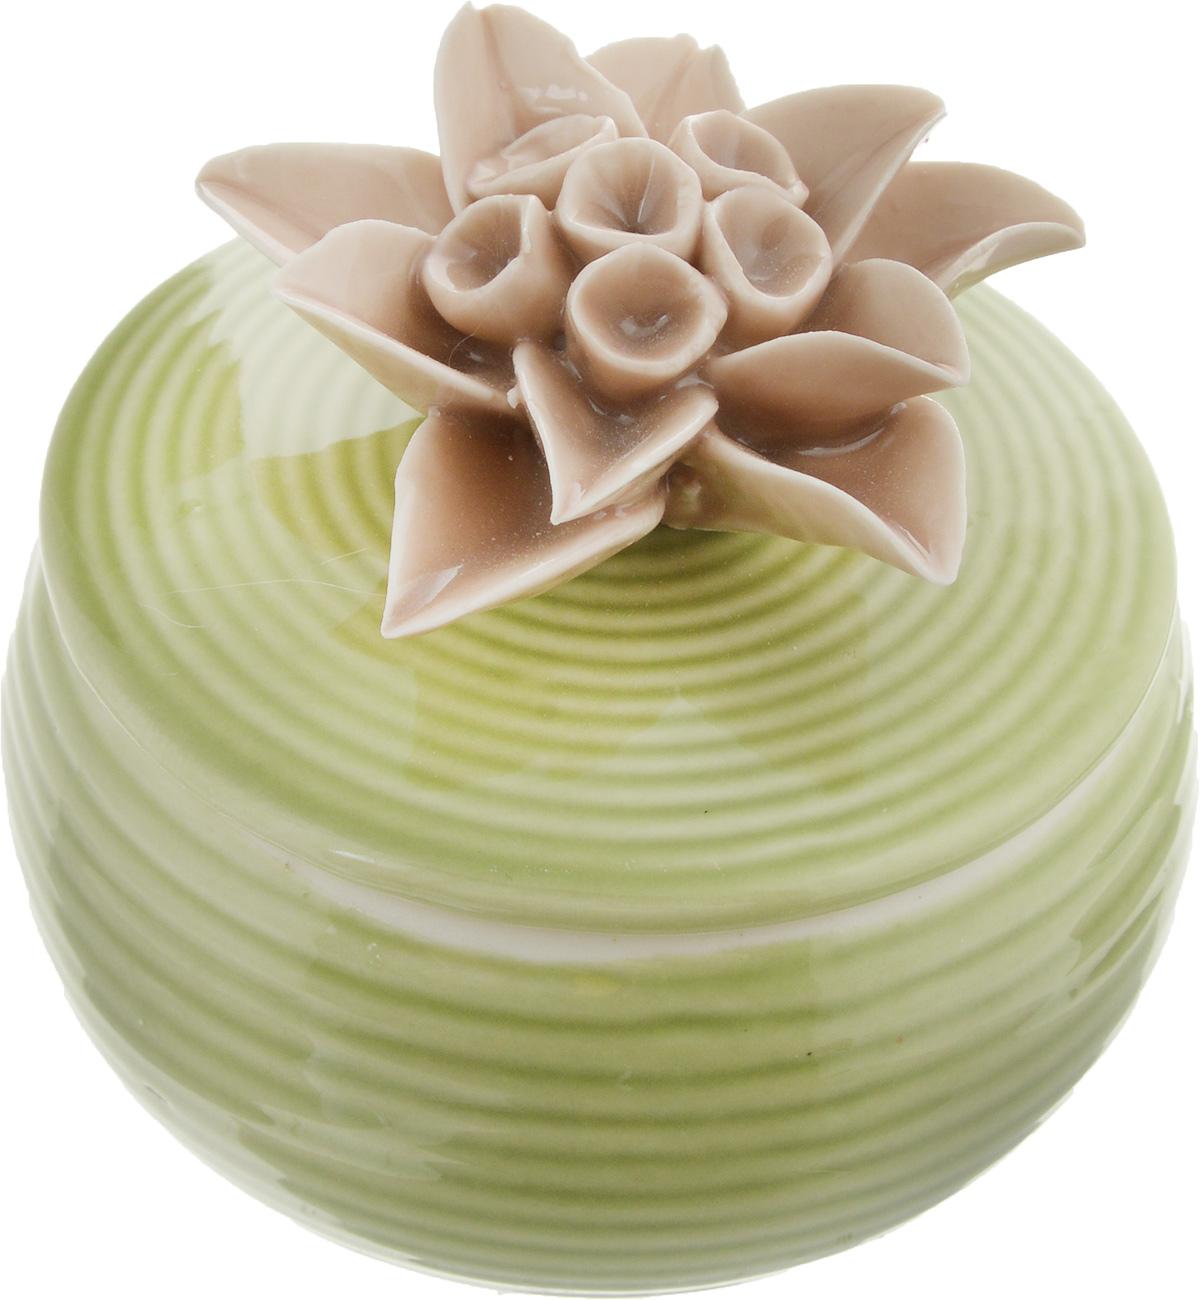 Шкатулка для украшений Феникс-Презент, цвет: зеленый, кофейный, 6,5 х 6 х 6 см43836Шкатулка Феникс-Презент предназначена для хранения украшений. Изделие изготовлено из фарфора. Крышка шкатулки украшена цветком. Вы можете поставить шкатулку в любом месте, где она будет удачно смотреться и радовать глаз. Кроме того - это отличный вариант подарка для ваших близких и друзей. Размер шкатулки: 6,5 х 6 х 6 см.